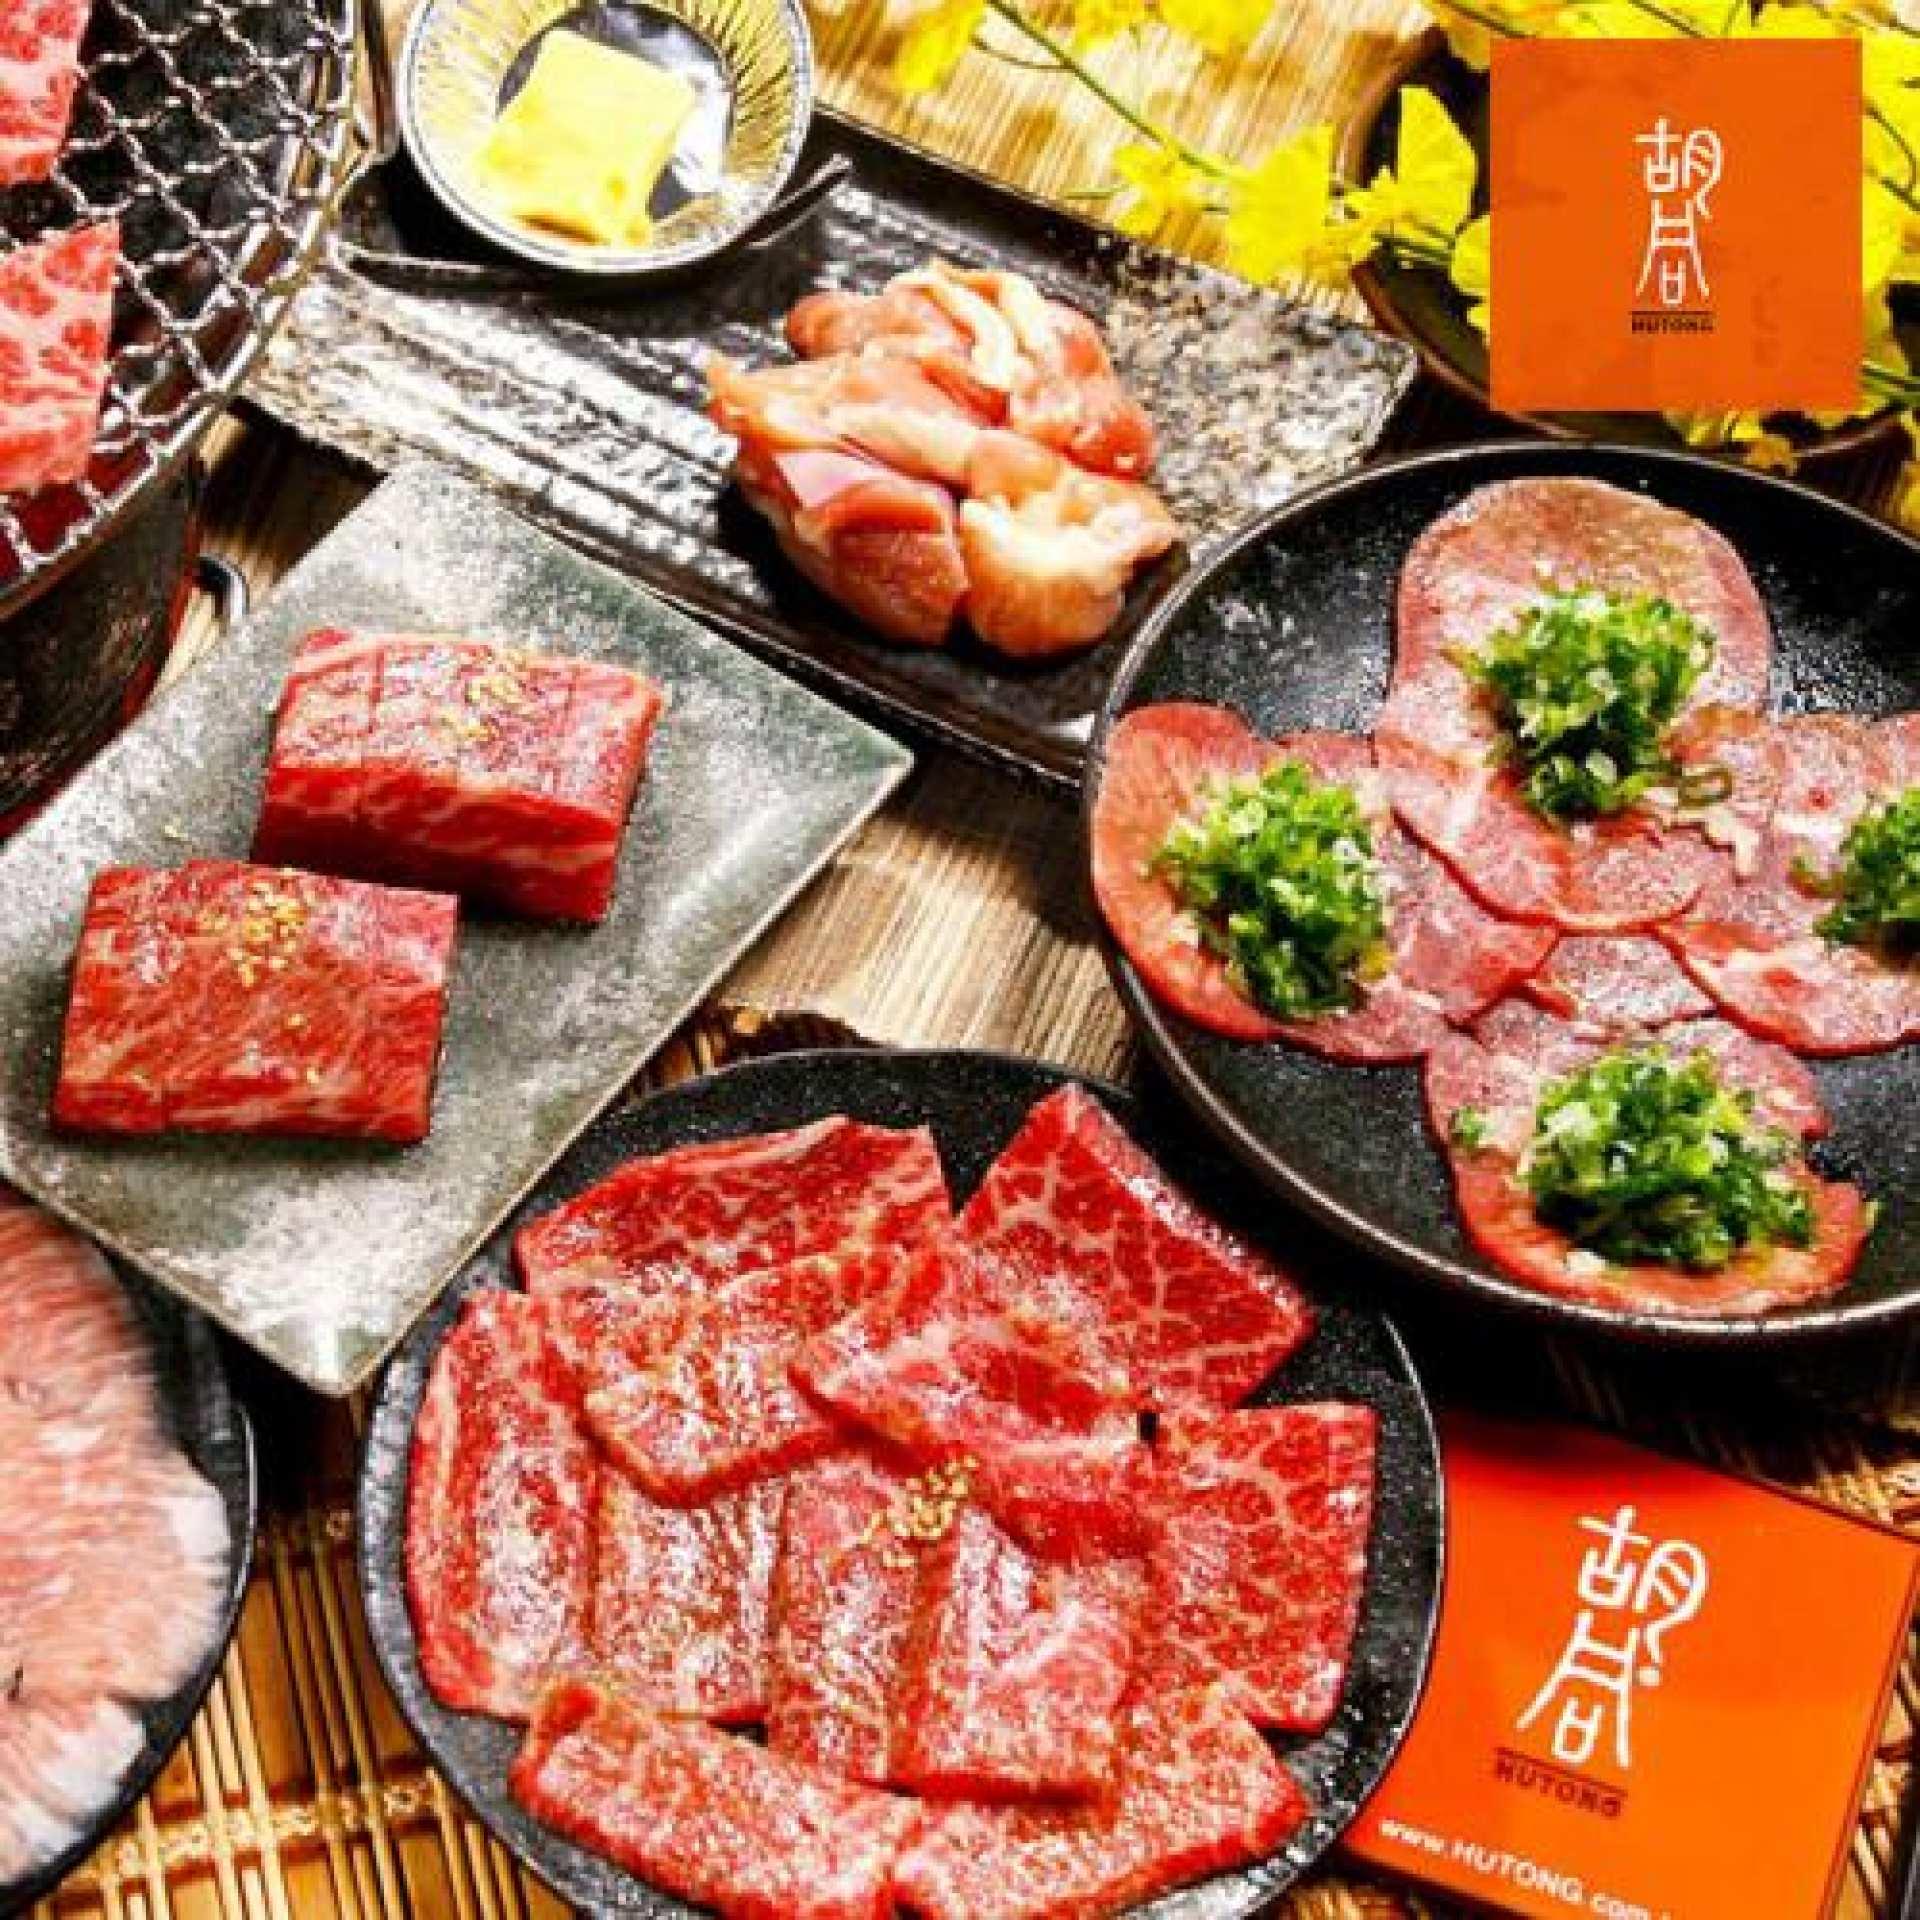 【台灣美食餐廳推薦】胡同燒肉-全台分店餐飲兌換券 (需電話預約)